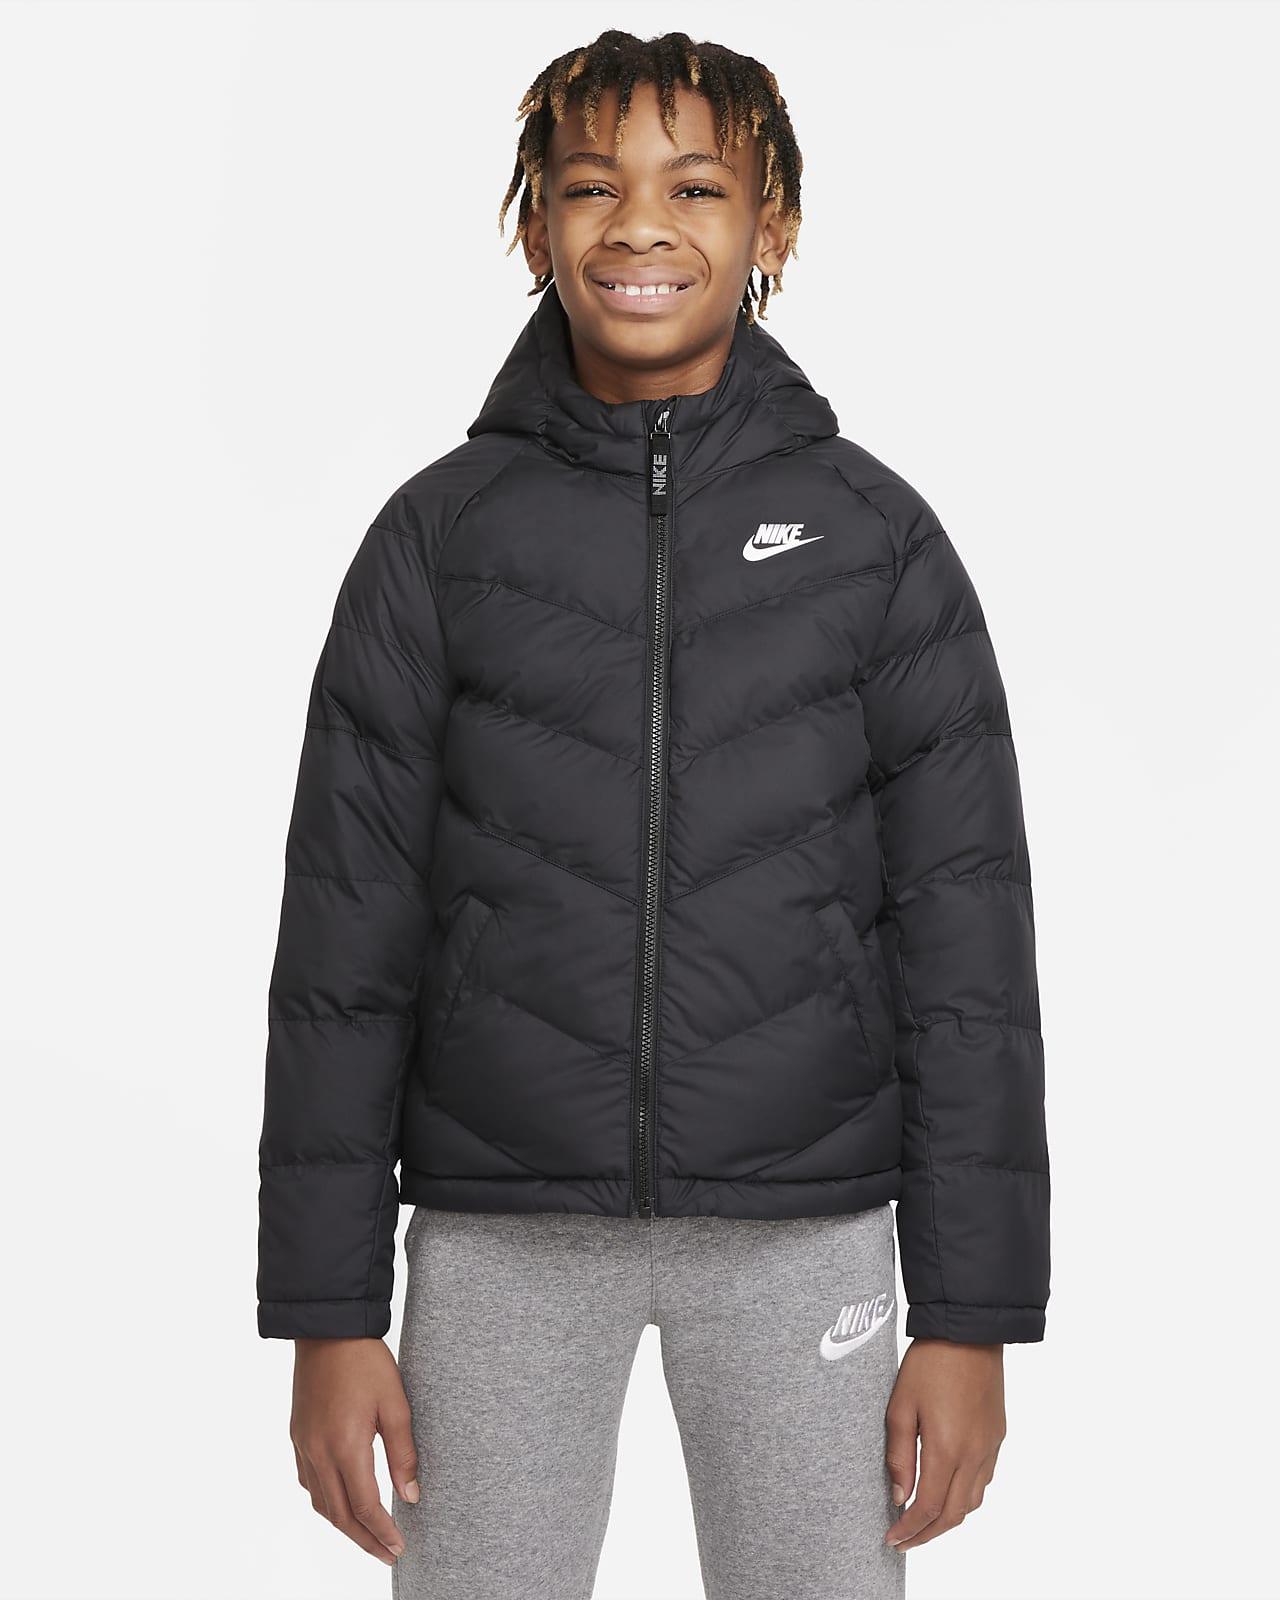 Veste à garnissage synthétique Nike Sportswear pour Garçon plus âgé